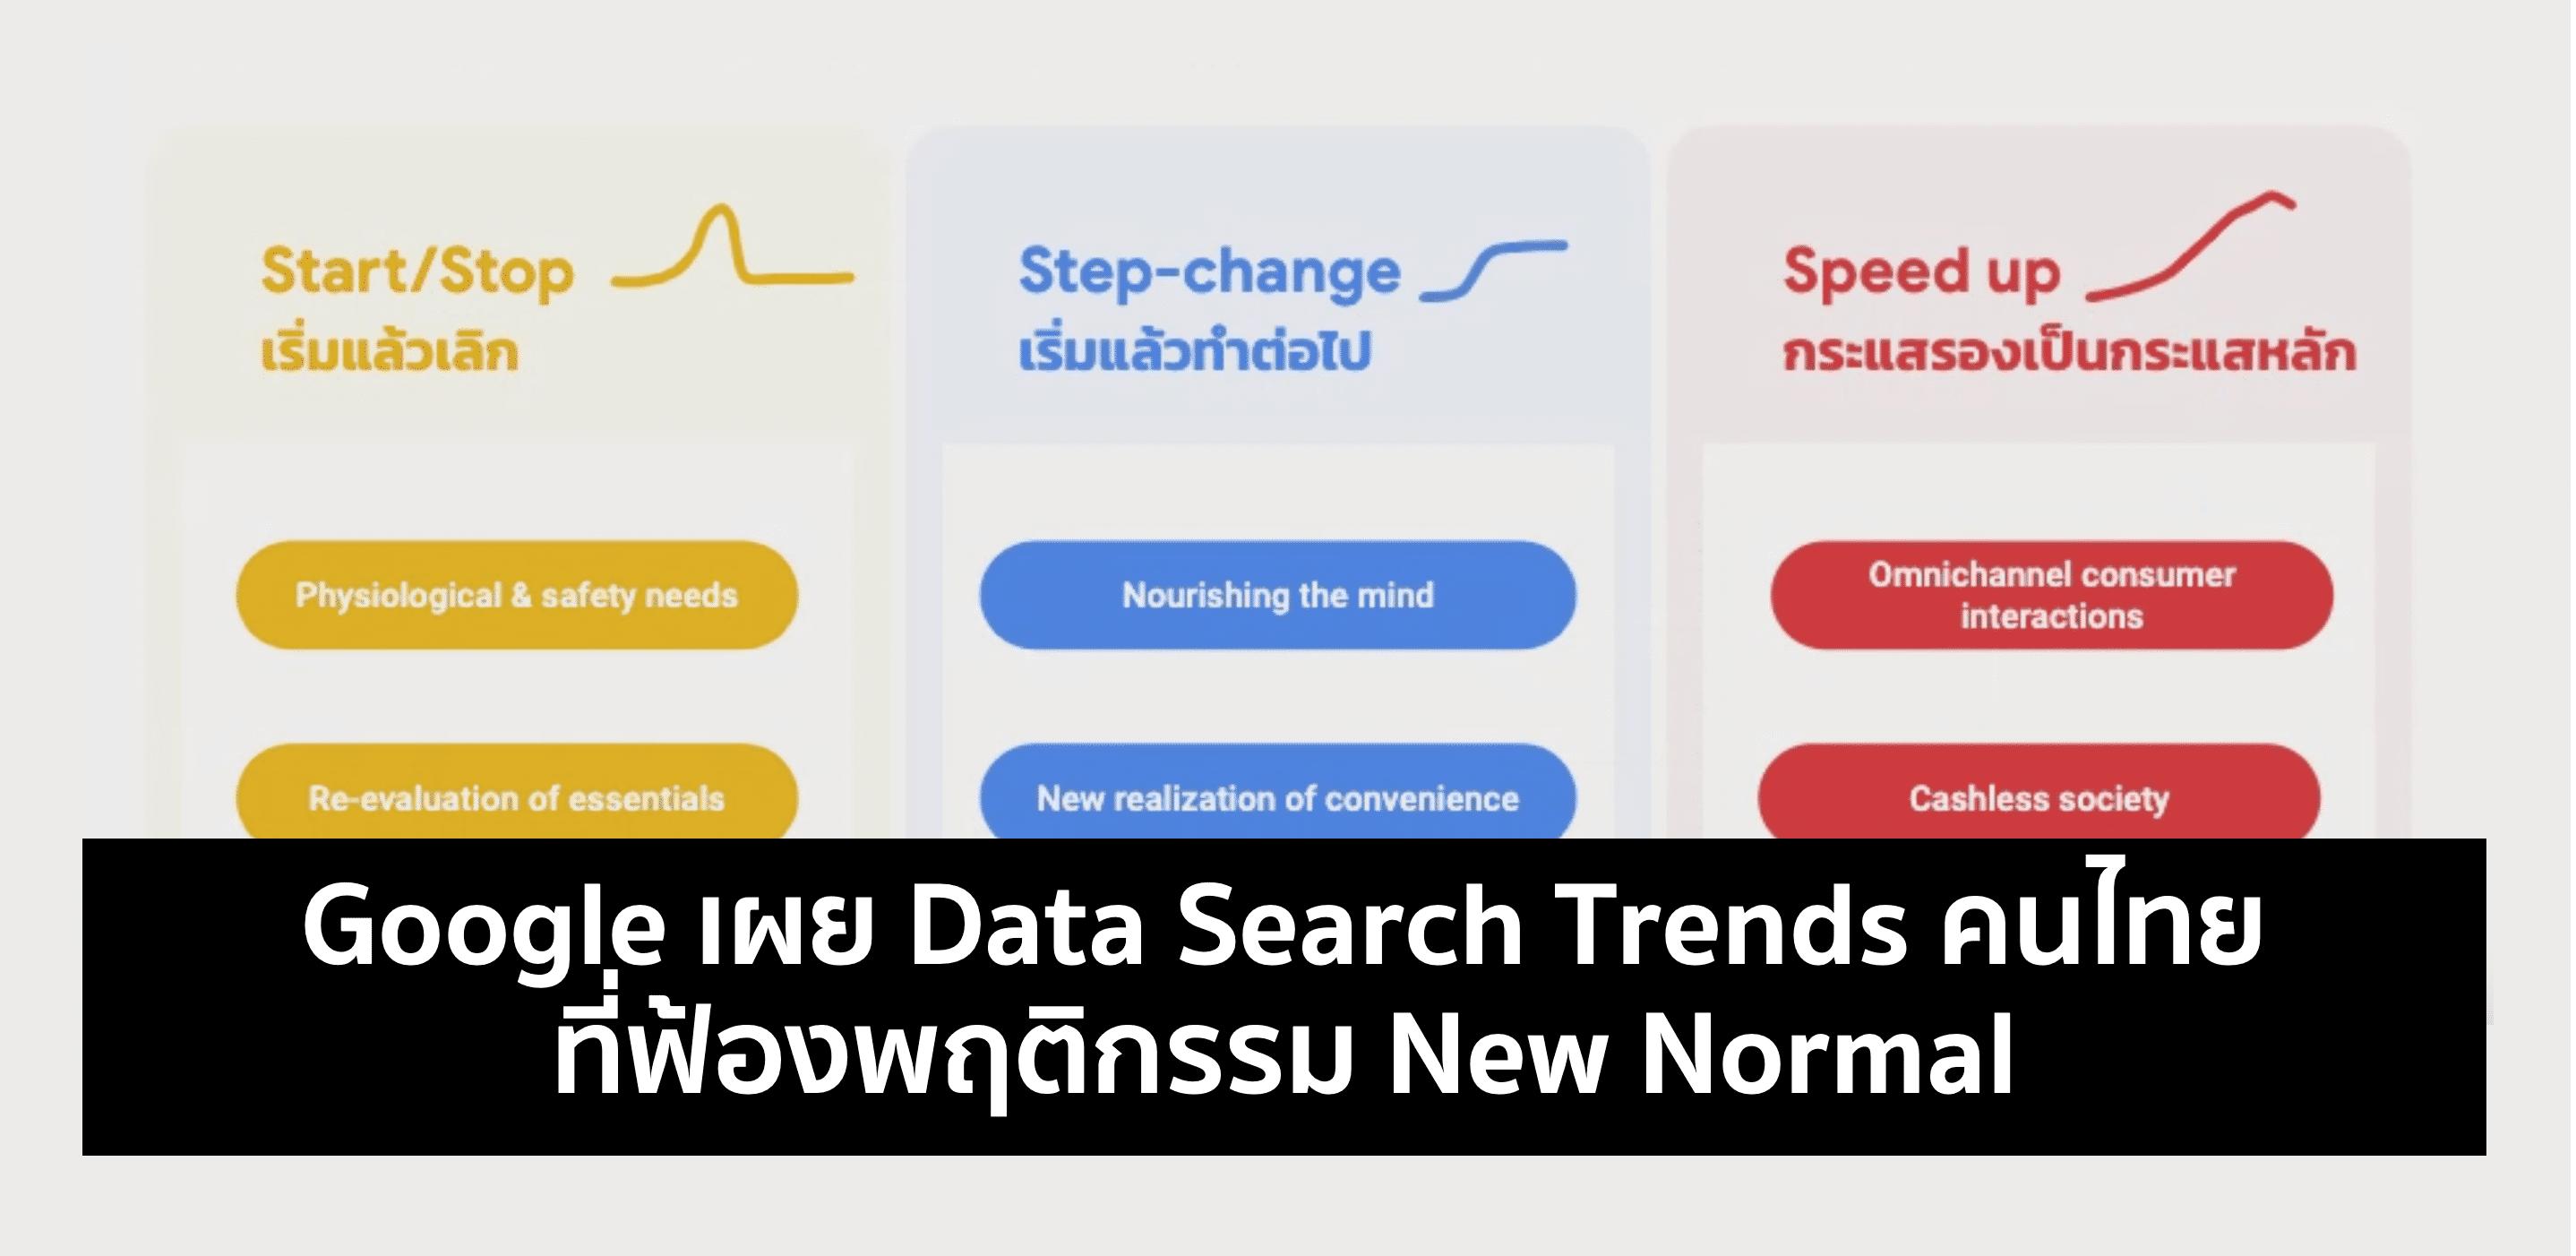 3 รูปแบบพฤติกรรม New Normal คนไทย หลังโควิดโดย Google